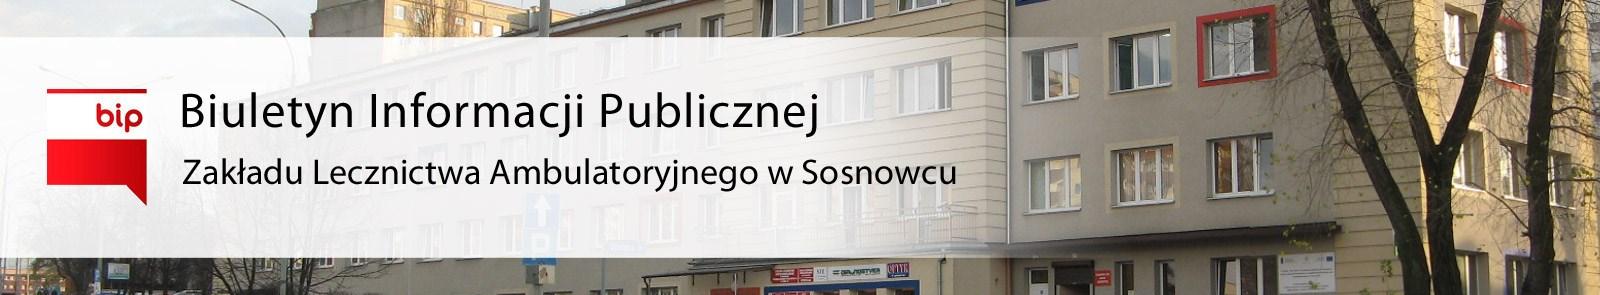 BIP Zakład Lecznictwa Ambulatoryjnego w Sosnowcu